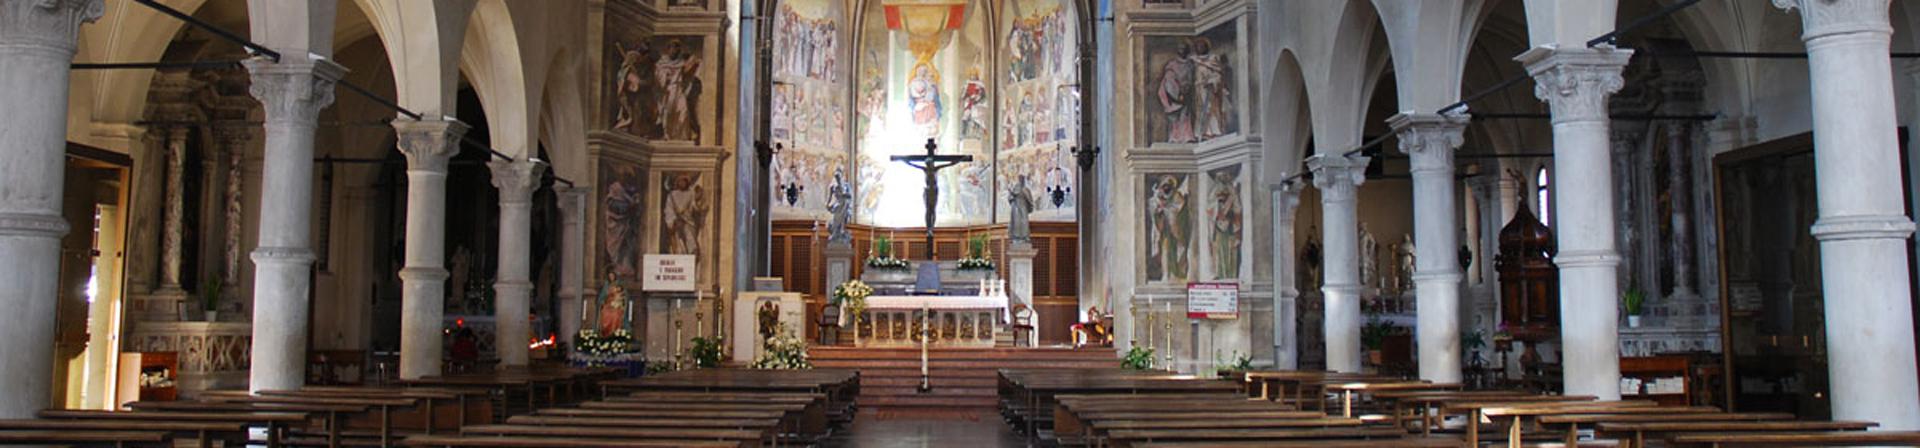 Cosa vedere a Sacile: Duomo San Nicolo - interno